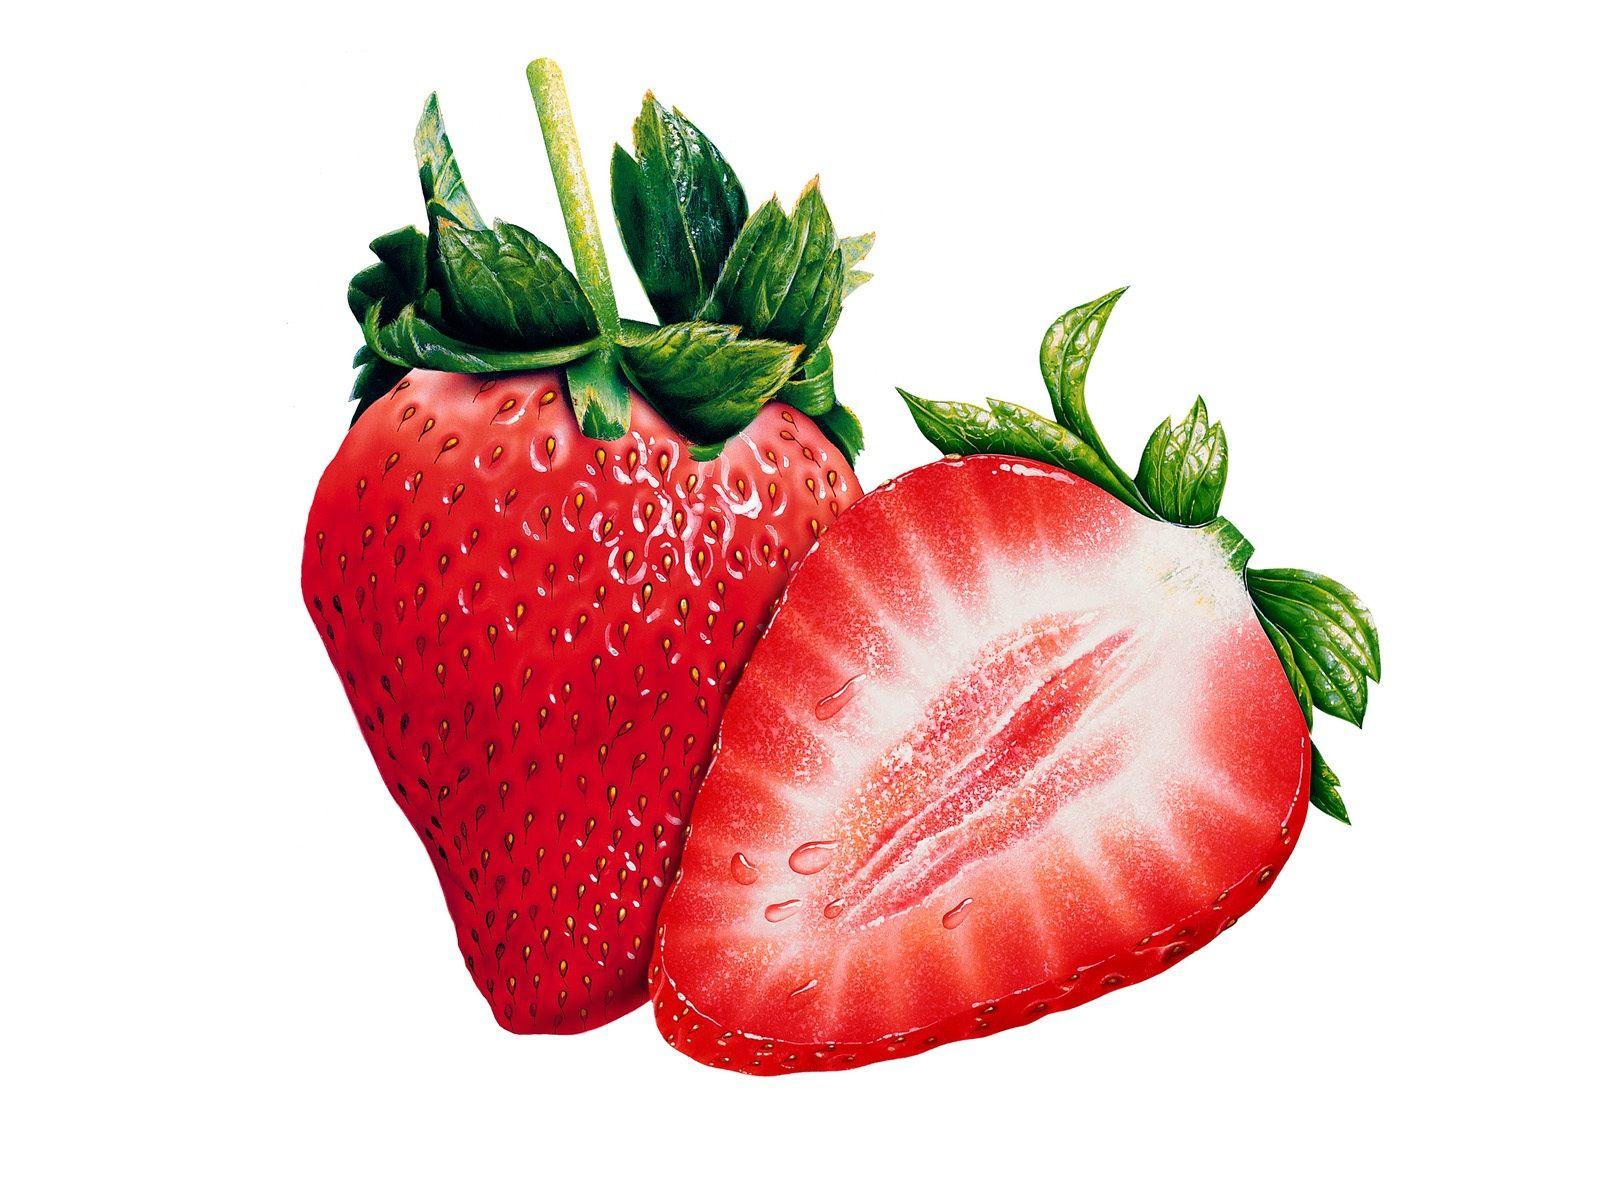 masque anti rides à la fraise - les bienfaits de la nature